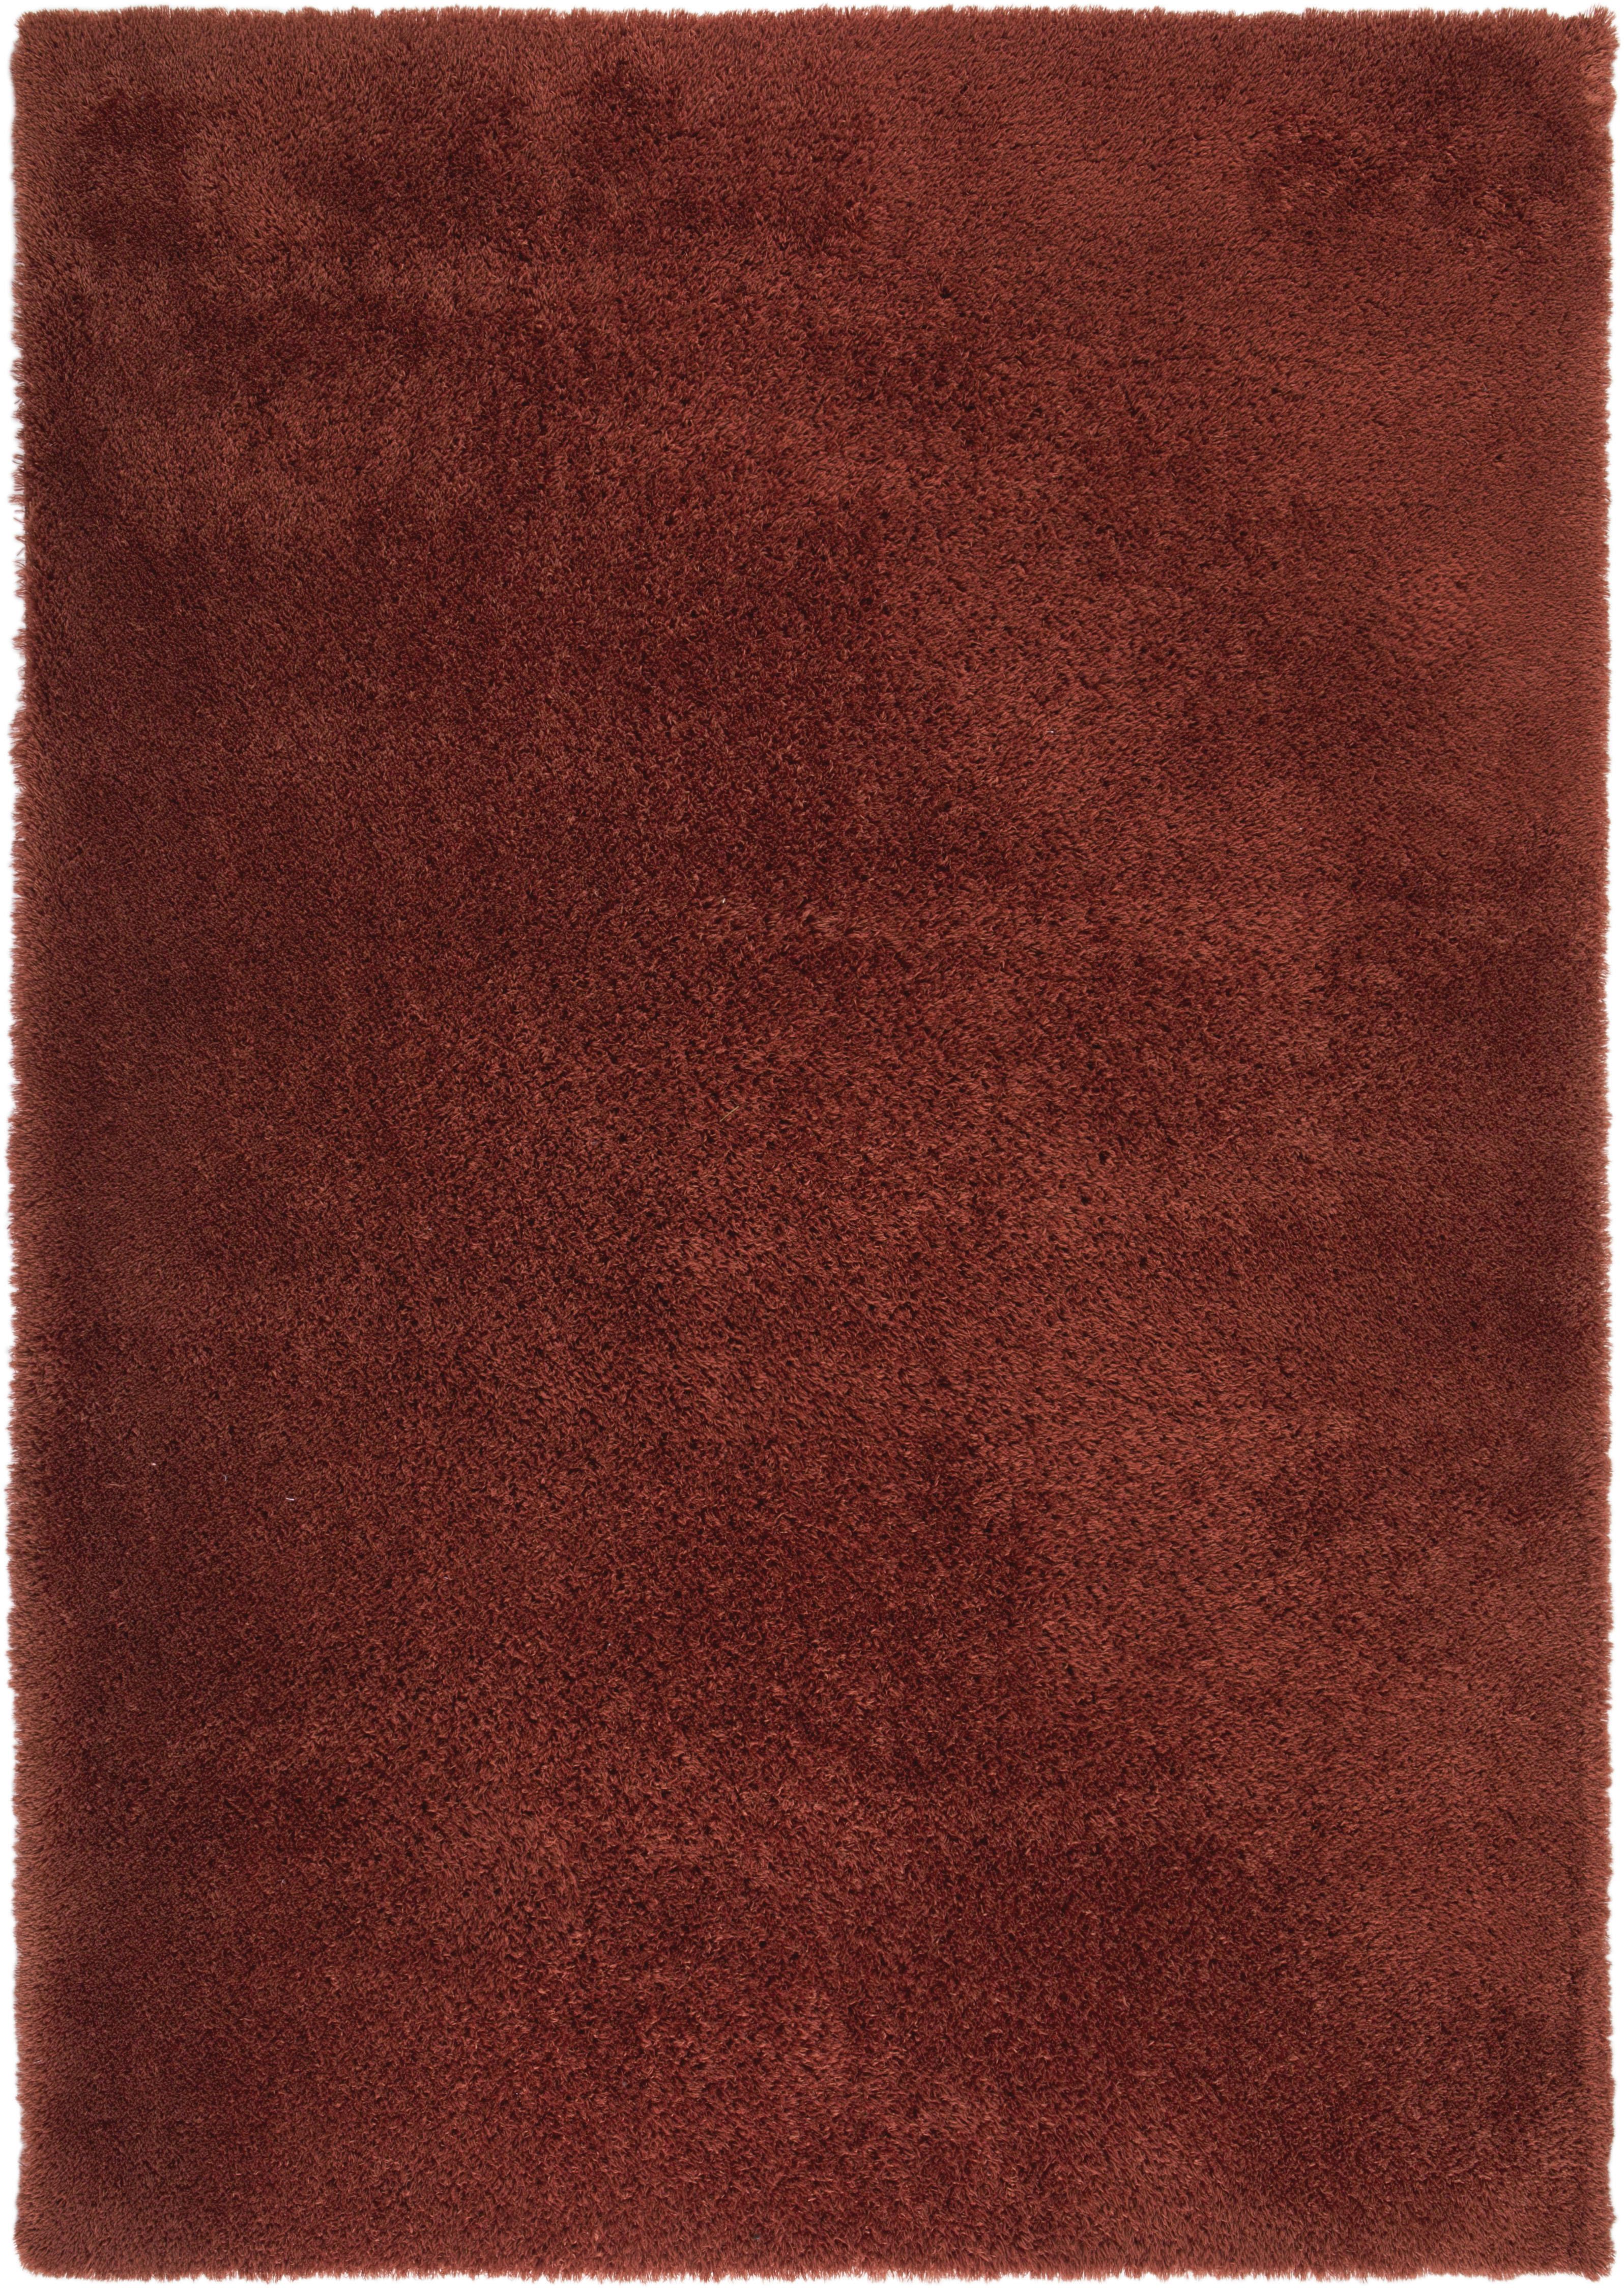 Hochflor-Teppich, Posada, Andiamo, rechteckig, Höhe 32 mm, maschinell getuftet | Heimtextilien > Teppiche > Hochflorteppiche | Andiamo